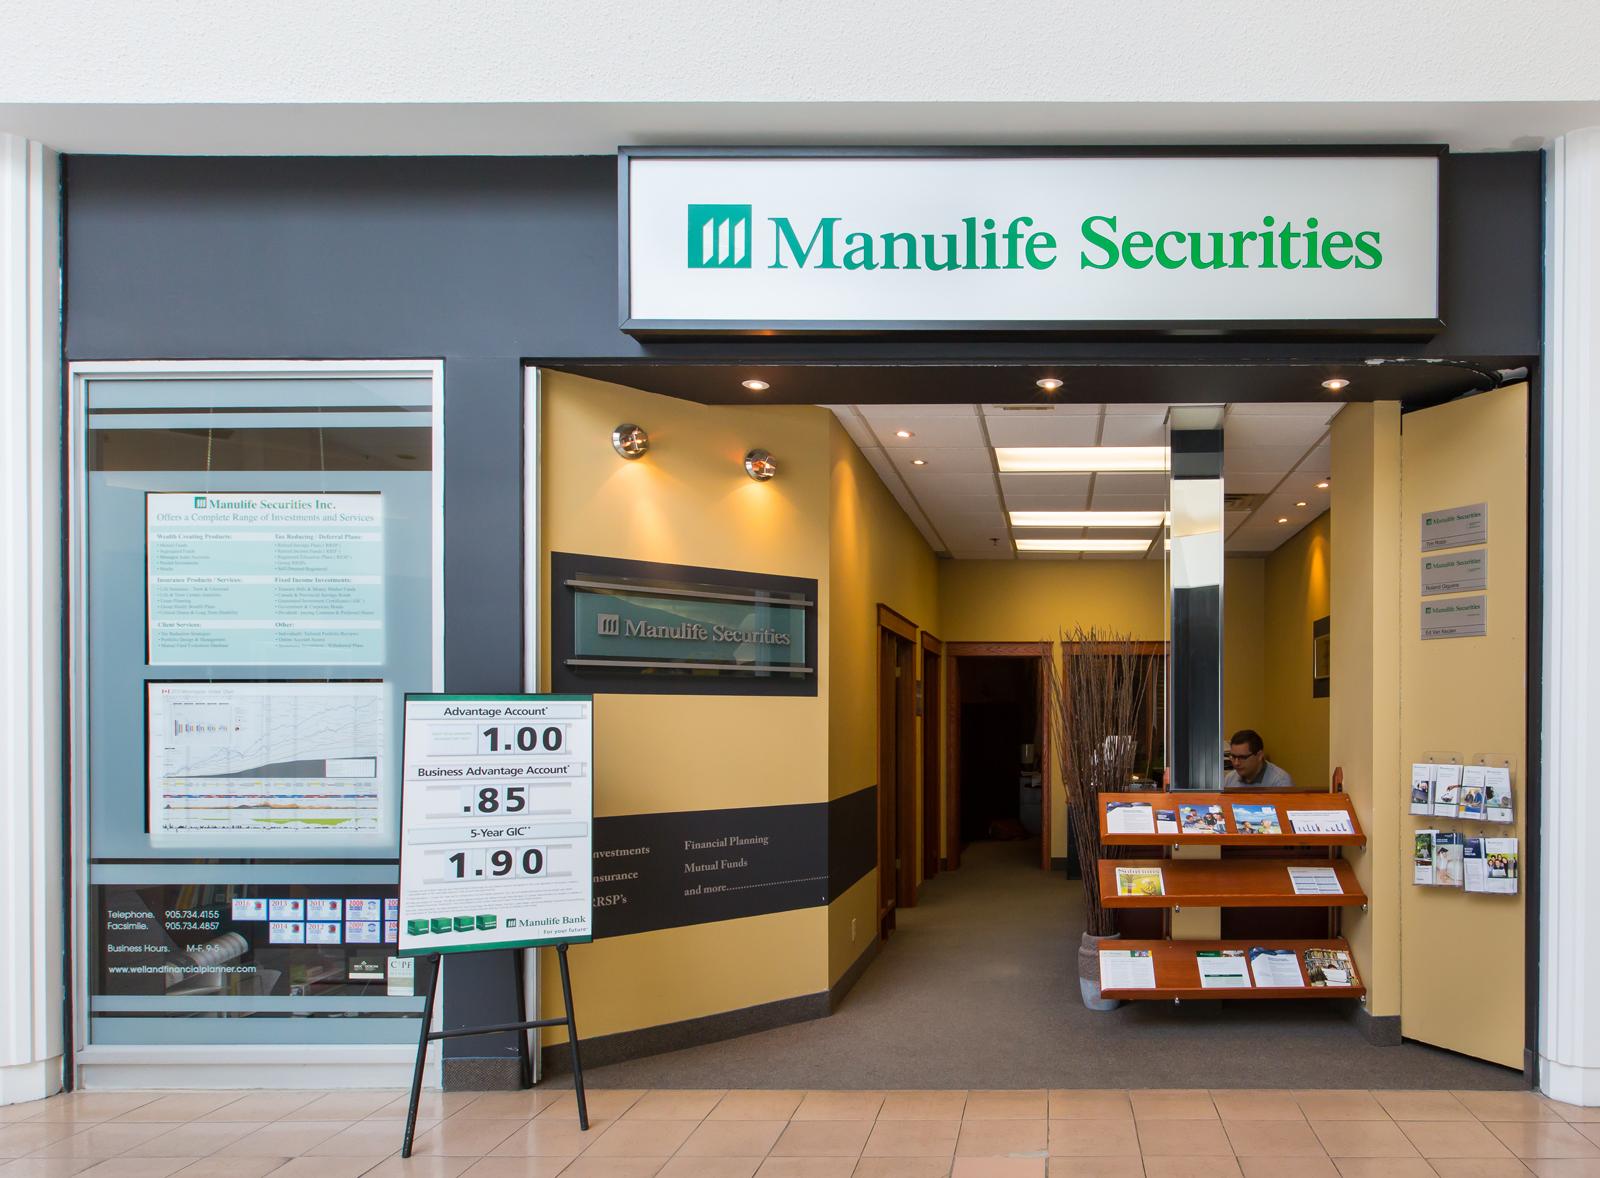 Manulife Securities